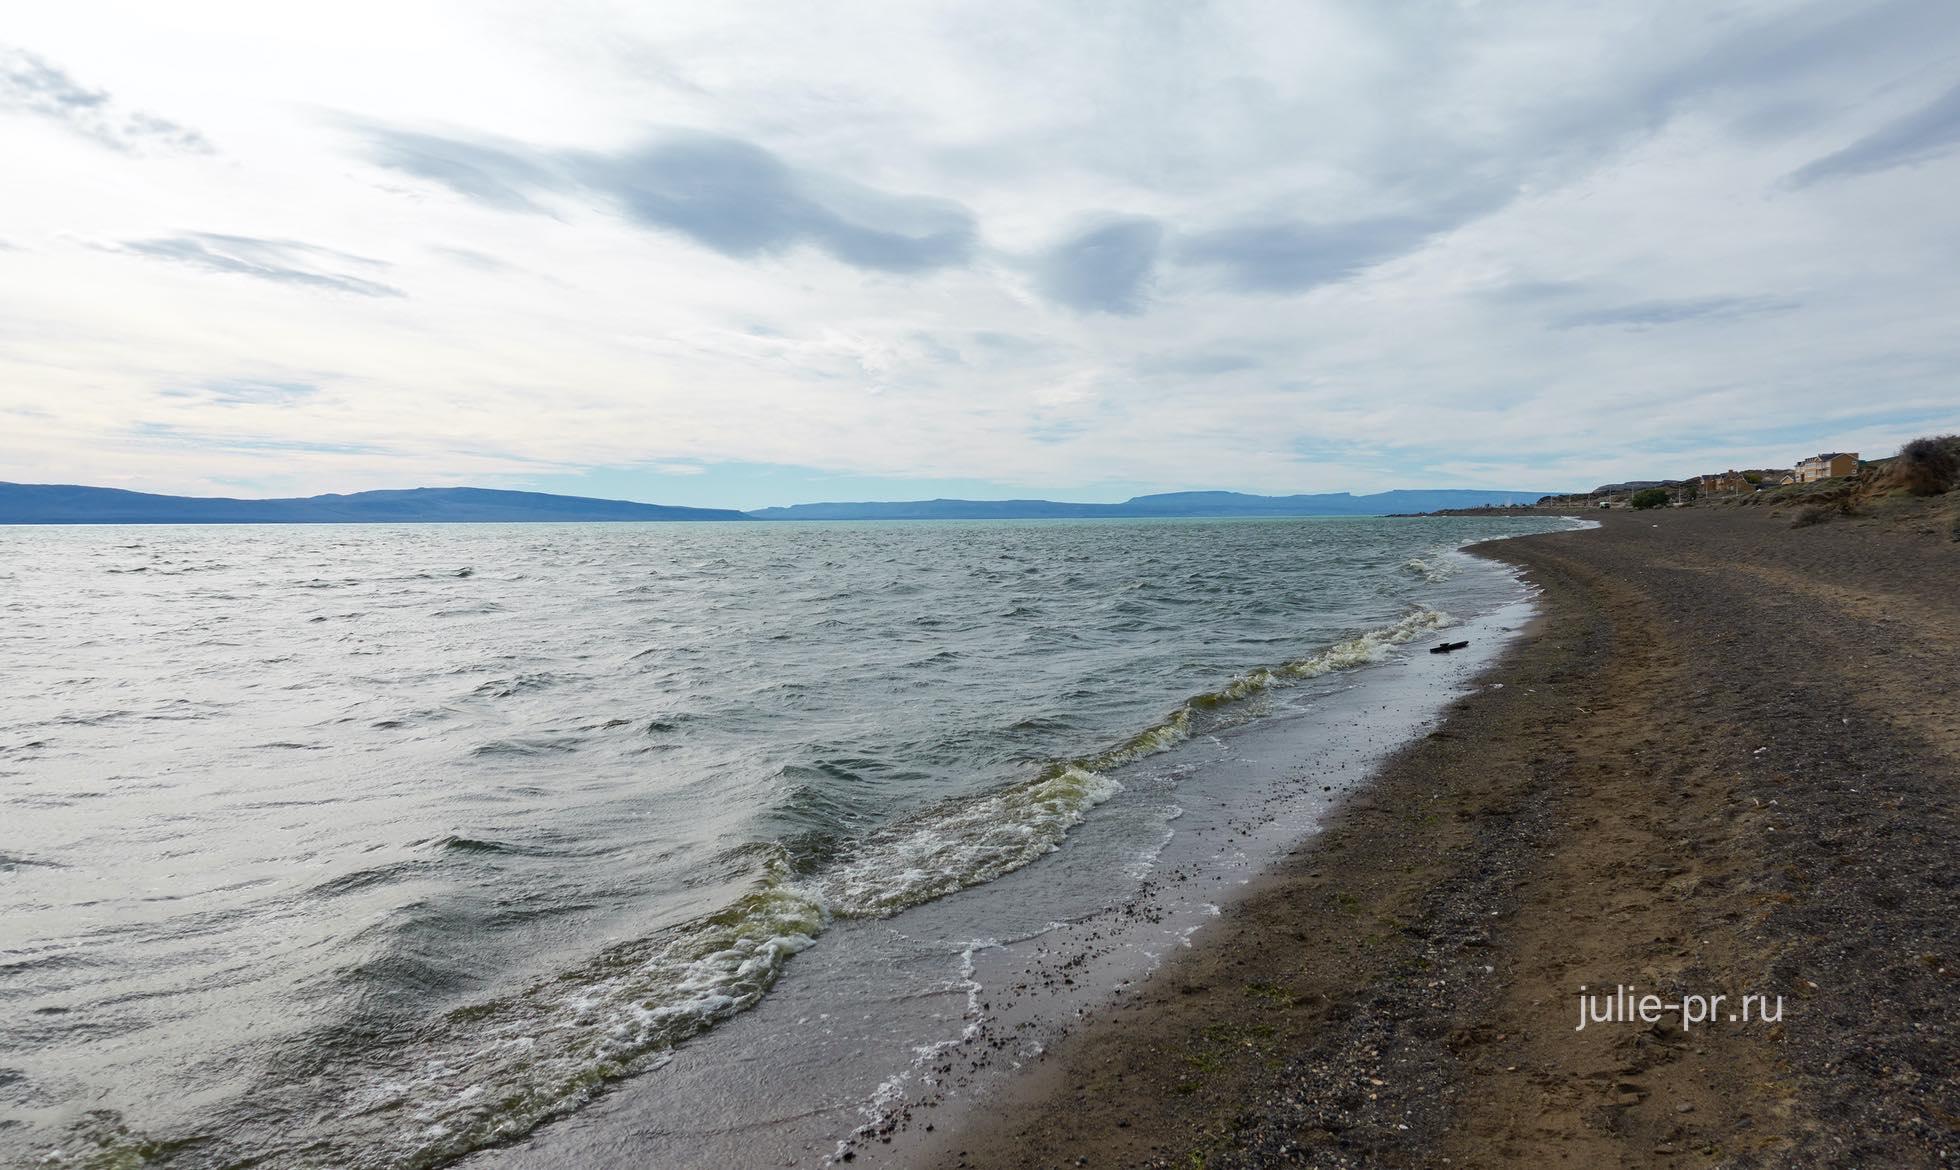 Аргентина, Патагония, Эль-Калафате, озеро Архентино